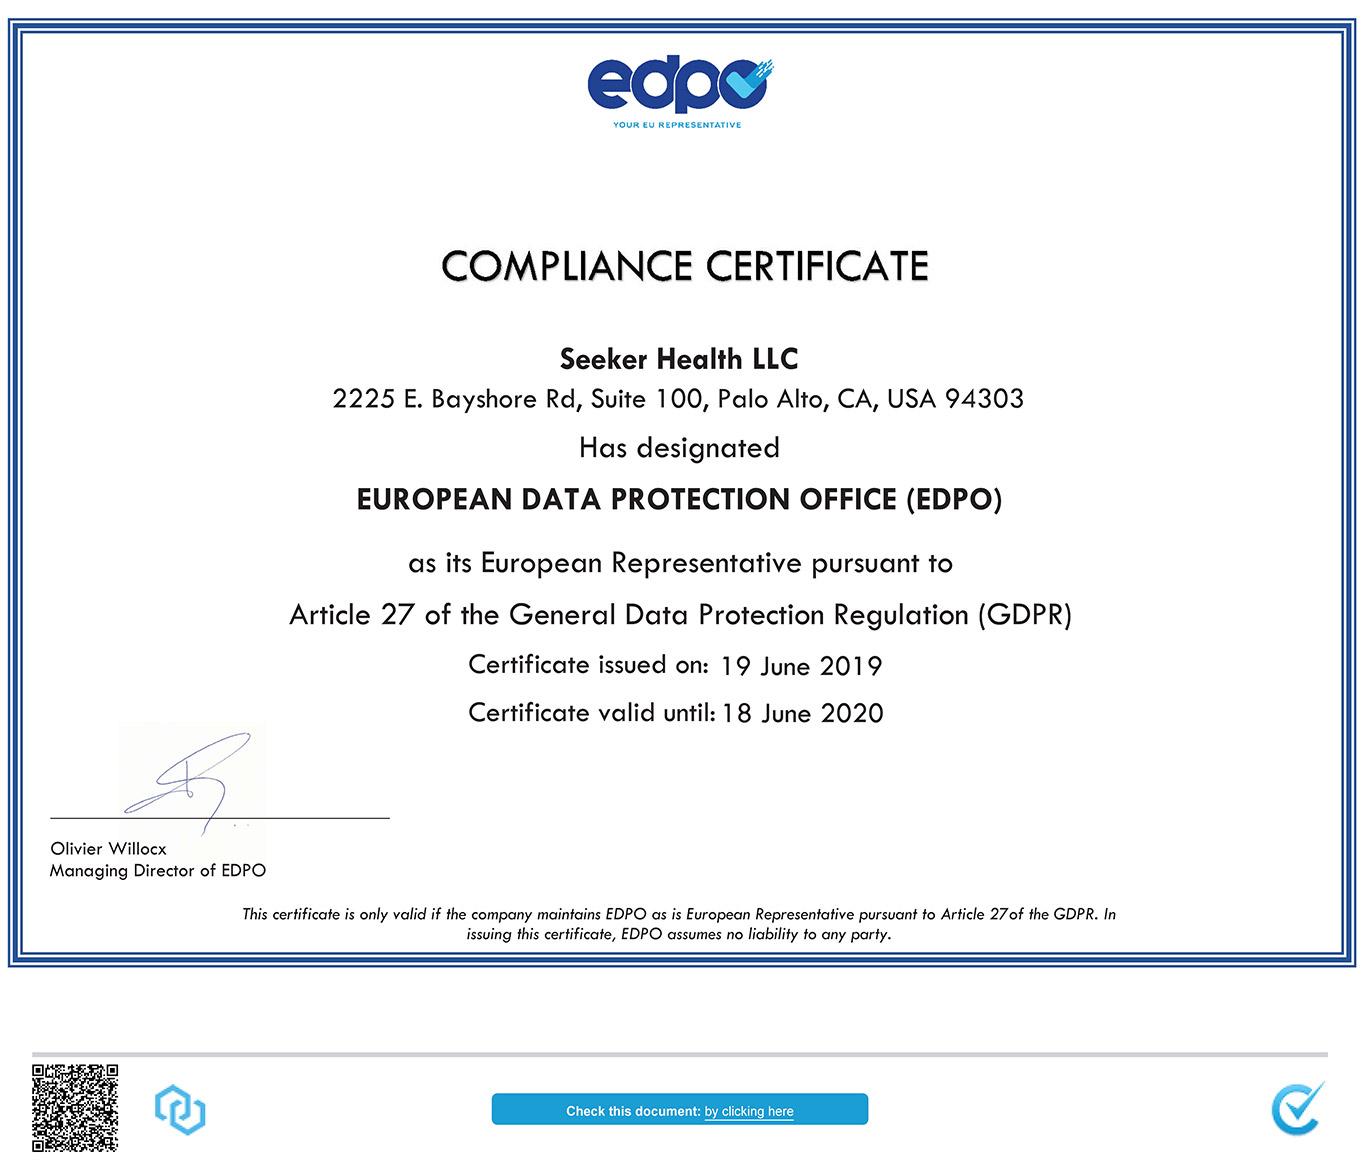 Seeker_Health_LLC_Compliance_Certificate_resize.jpg